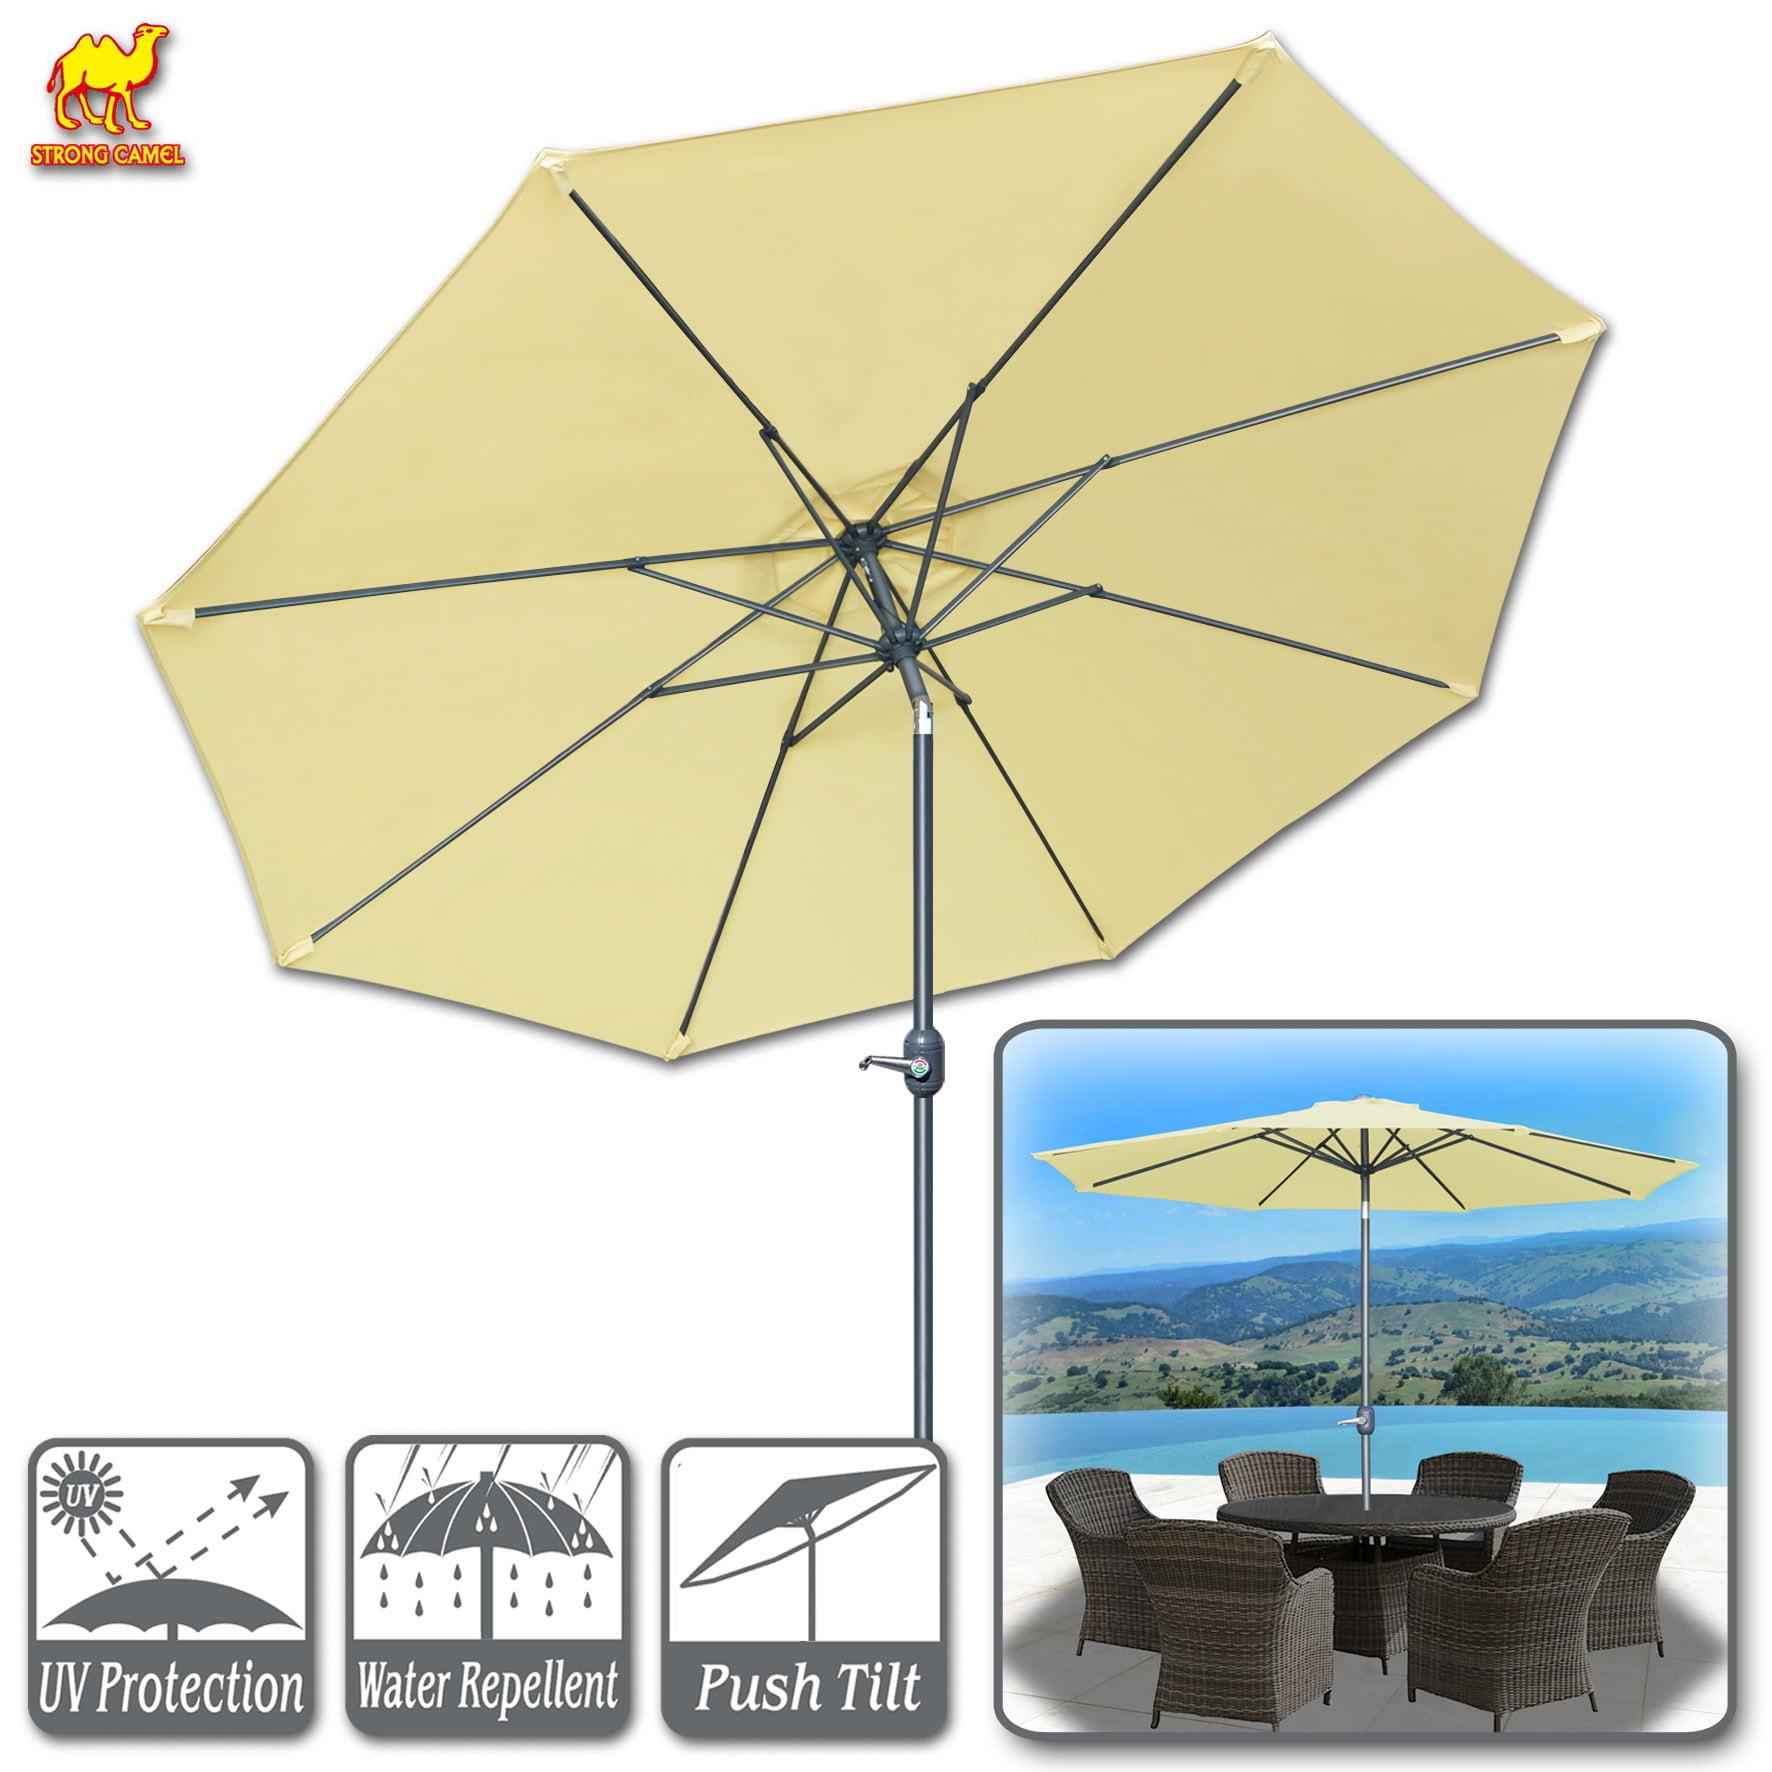 Strong Camel Patio Umbrella 10' with Tilt and Crank 8 Ribs Outdoor Garden Market Parasol... by Sunny Outdoor Inc